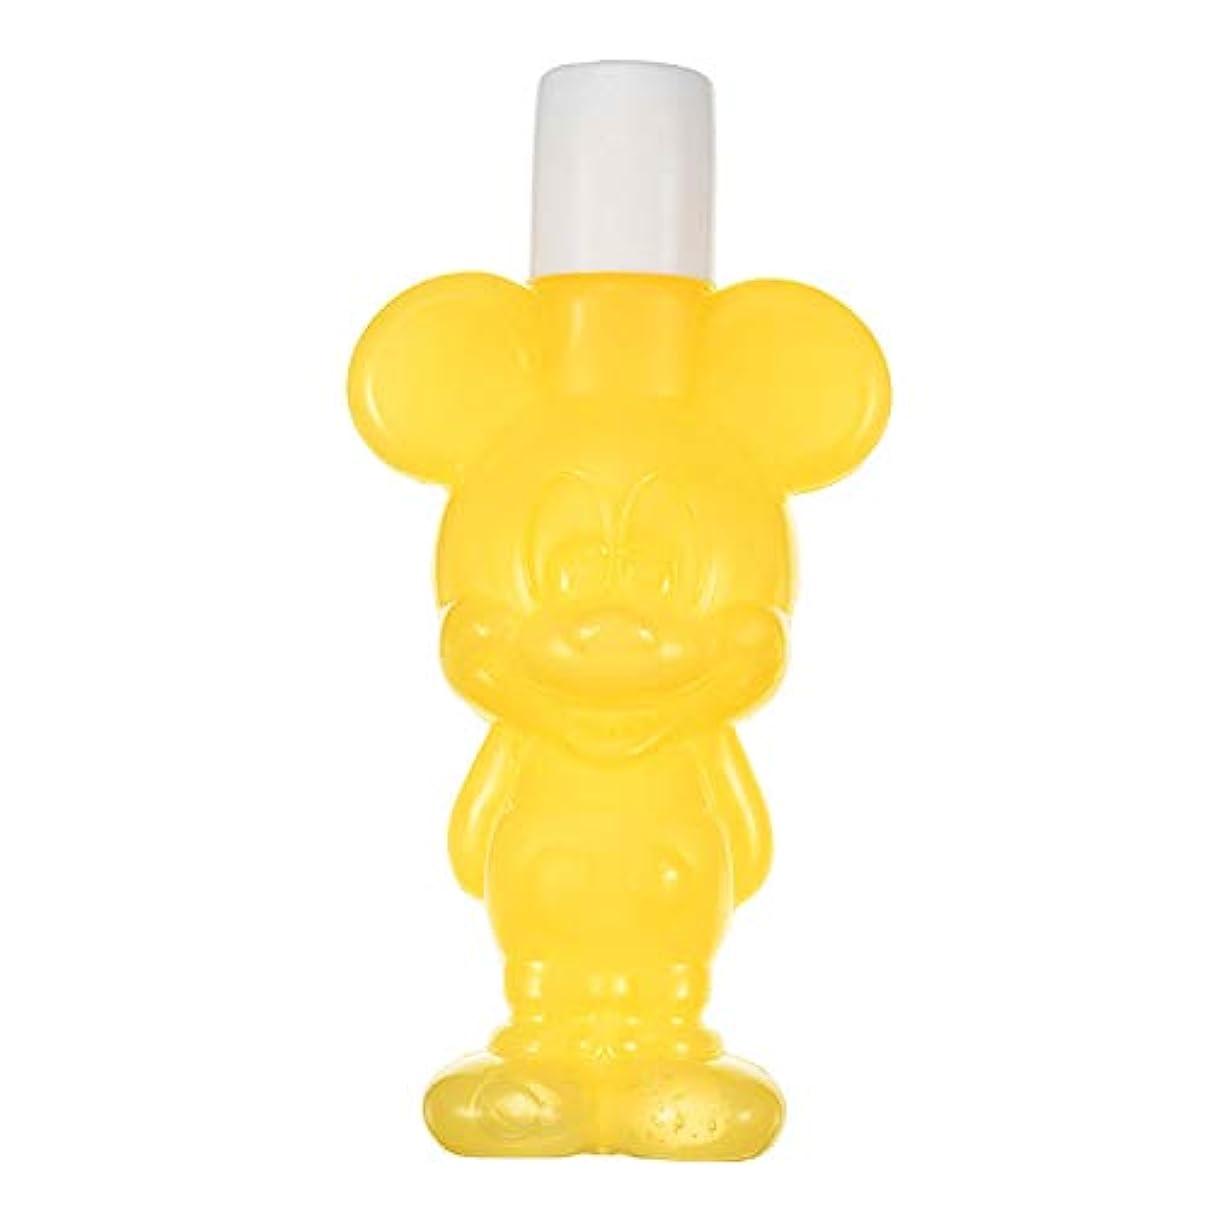 水差し脈拍ふつうディズニーストア(公式)保湿ジェル ミッキー イエロー Gummy Candy Cosme